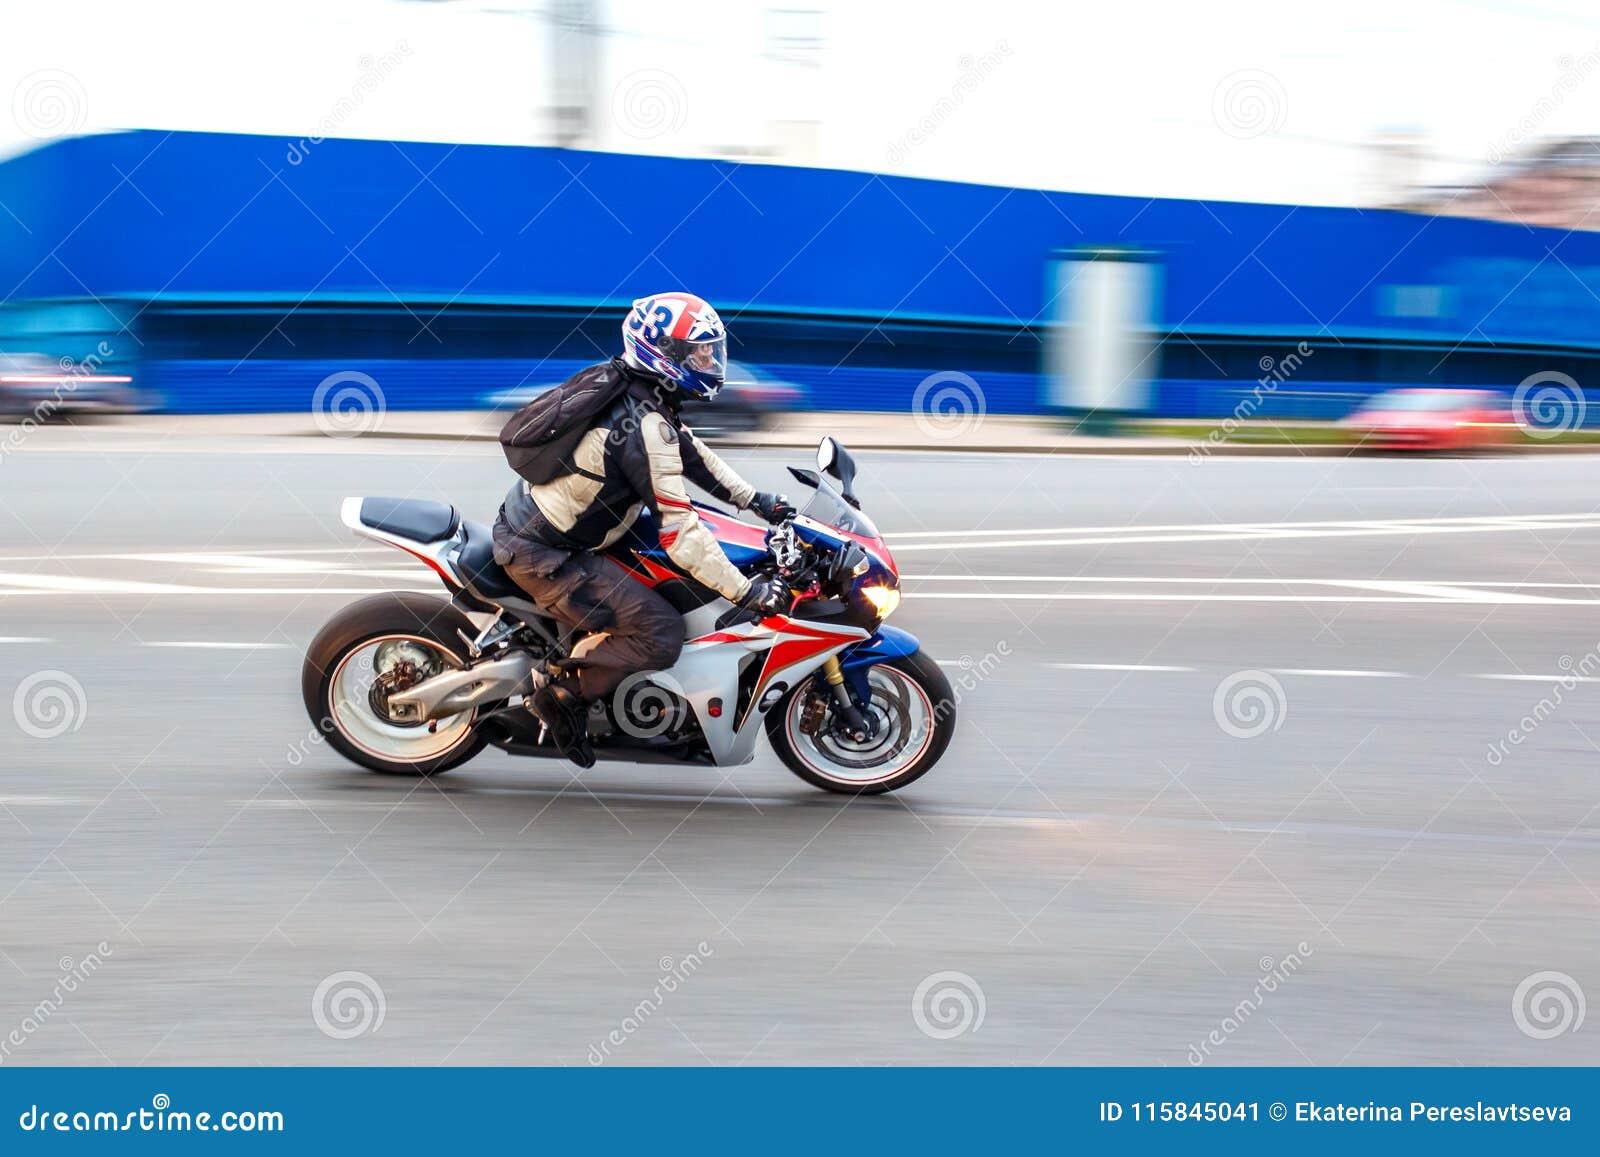 Οι γύροι μοτοσυκλετιστών με την ταχύτητα στους δρόμους πόλεων, μπορούν το 2018, Αγία Πετρούπολη